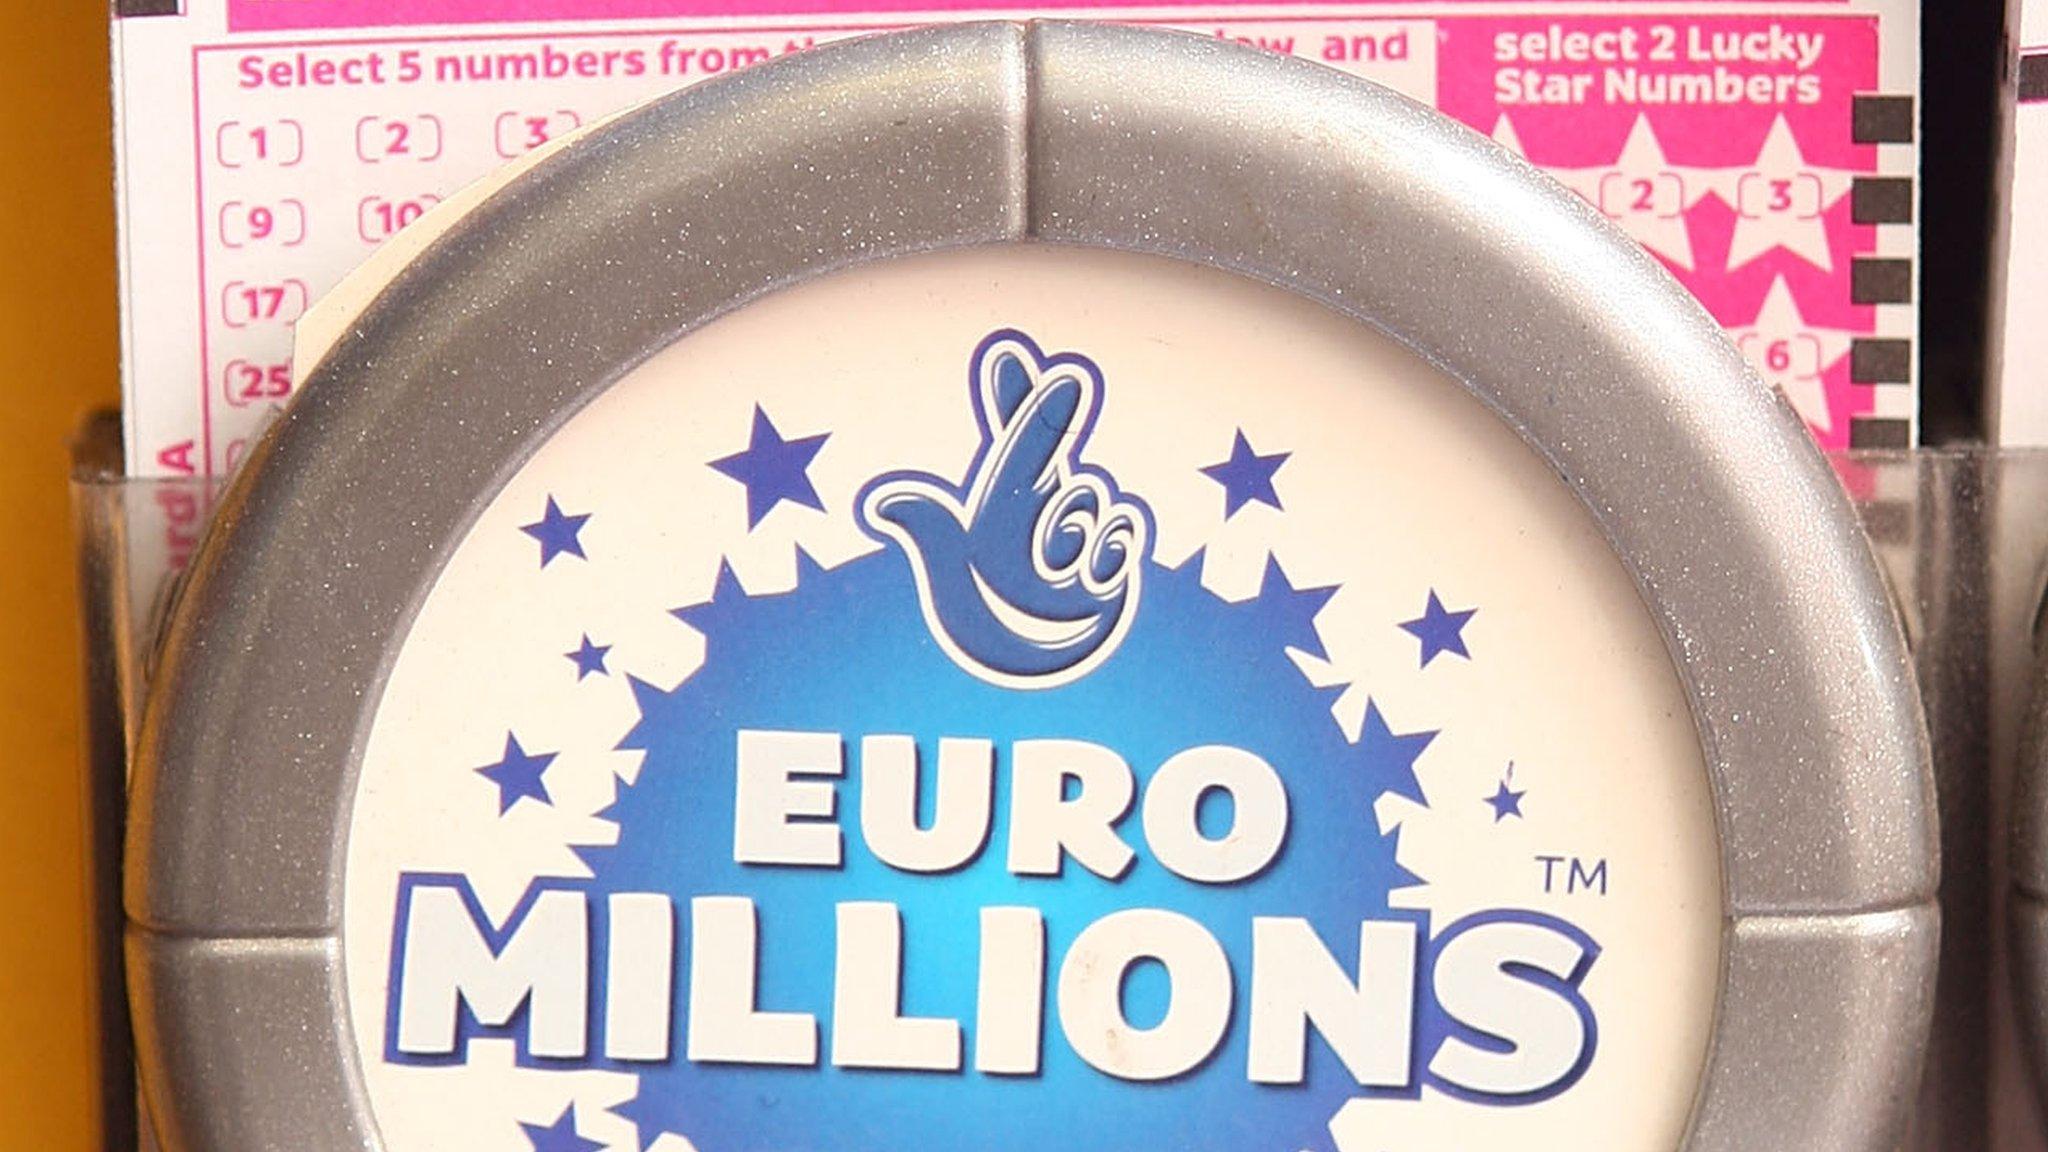 Euromillions: UK ticketholder scoops £121m jackpot